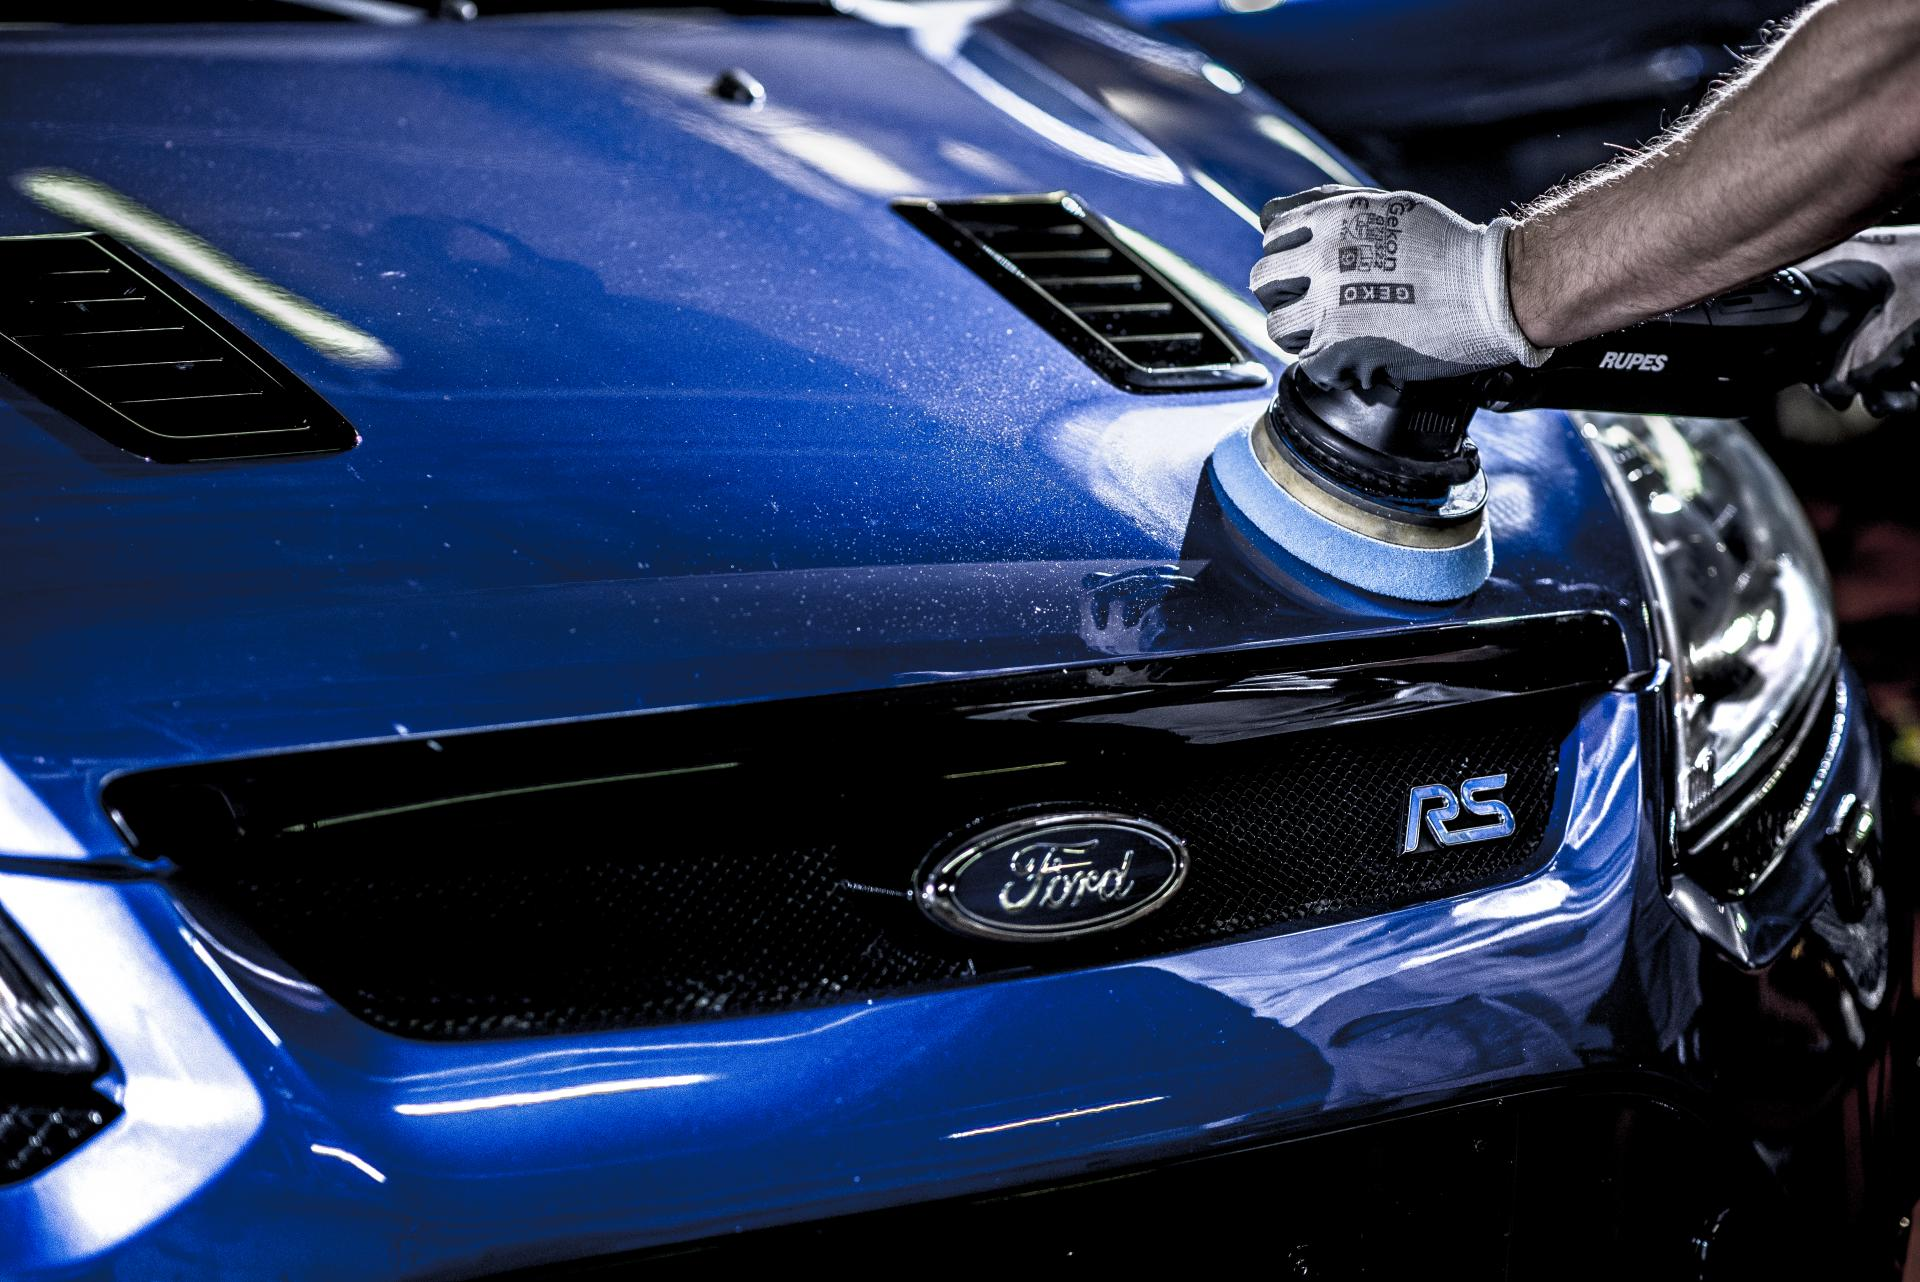 Ford Focus II RS usuwanie rys